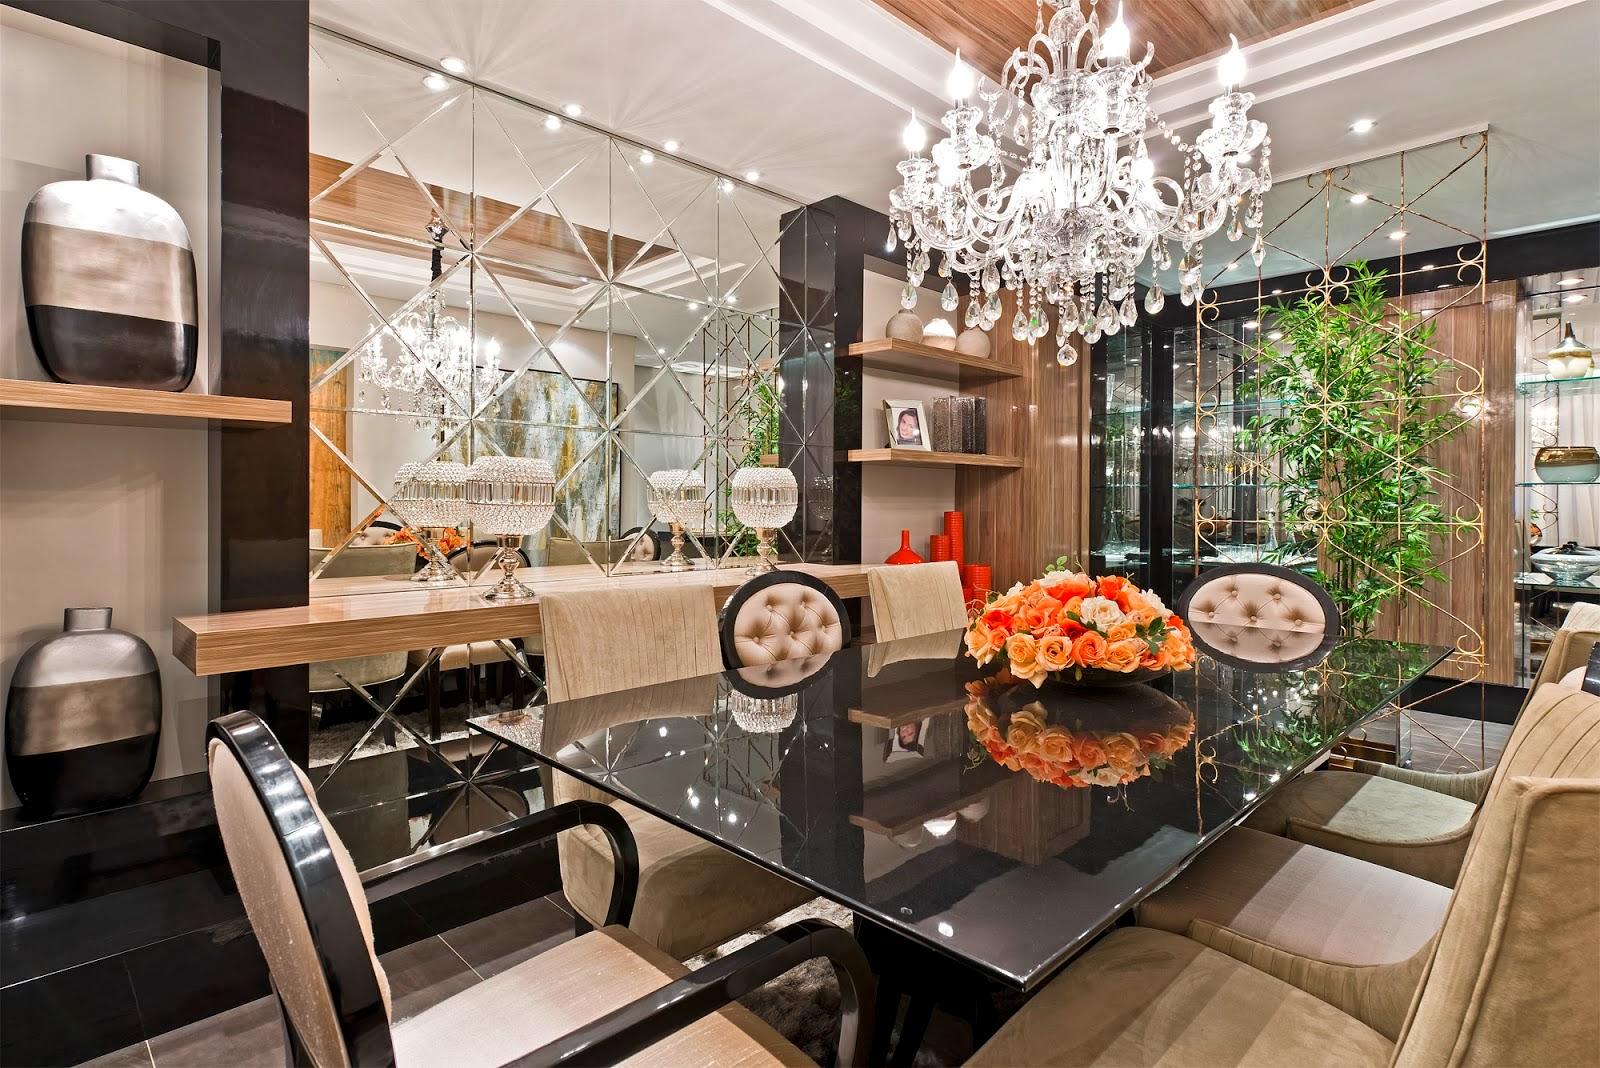 Salas de jantar 50 modelos maravilhosos e dicas de como decorar  #BC2F0F 1600x1068